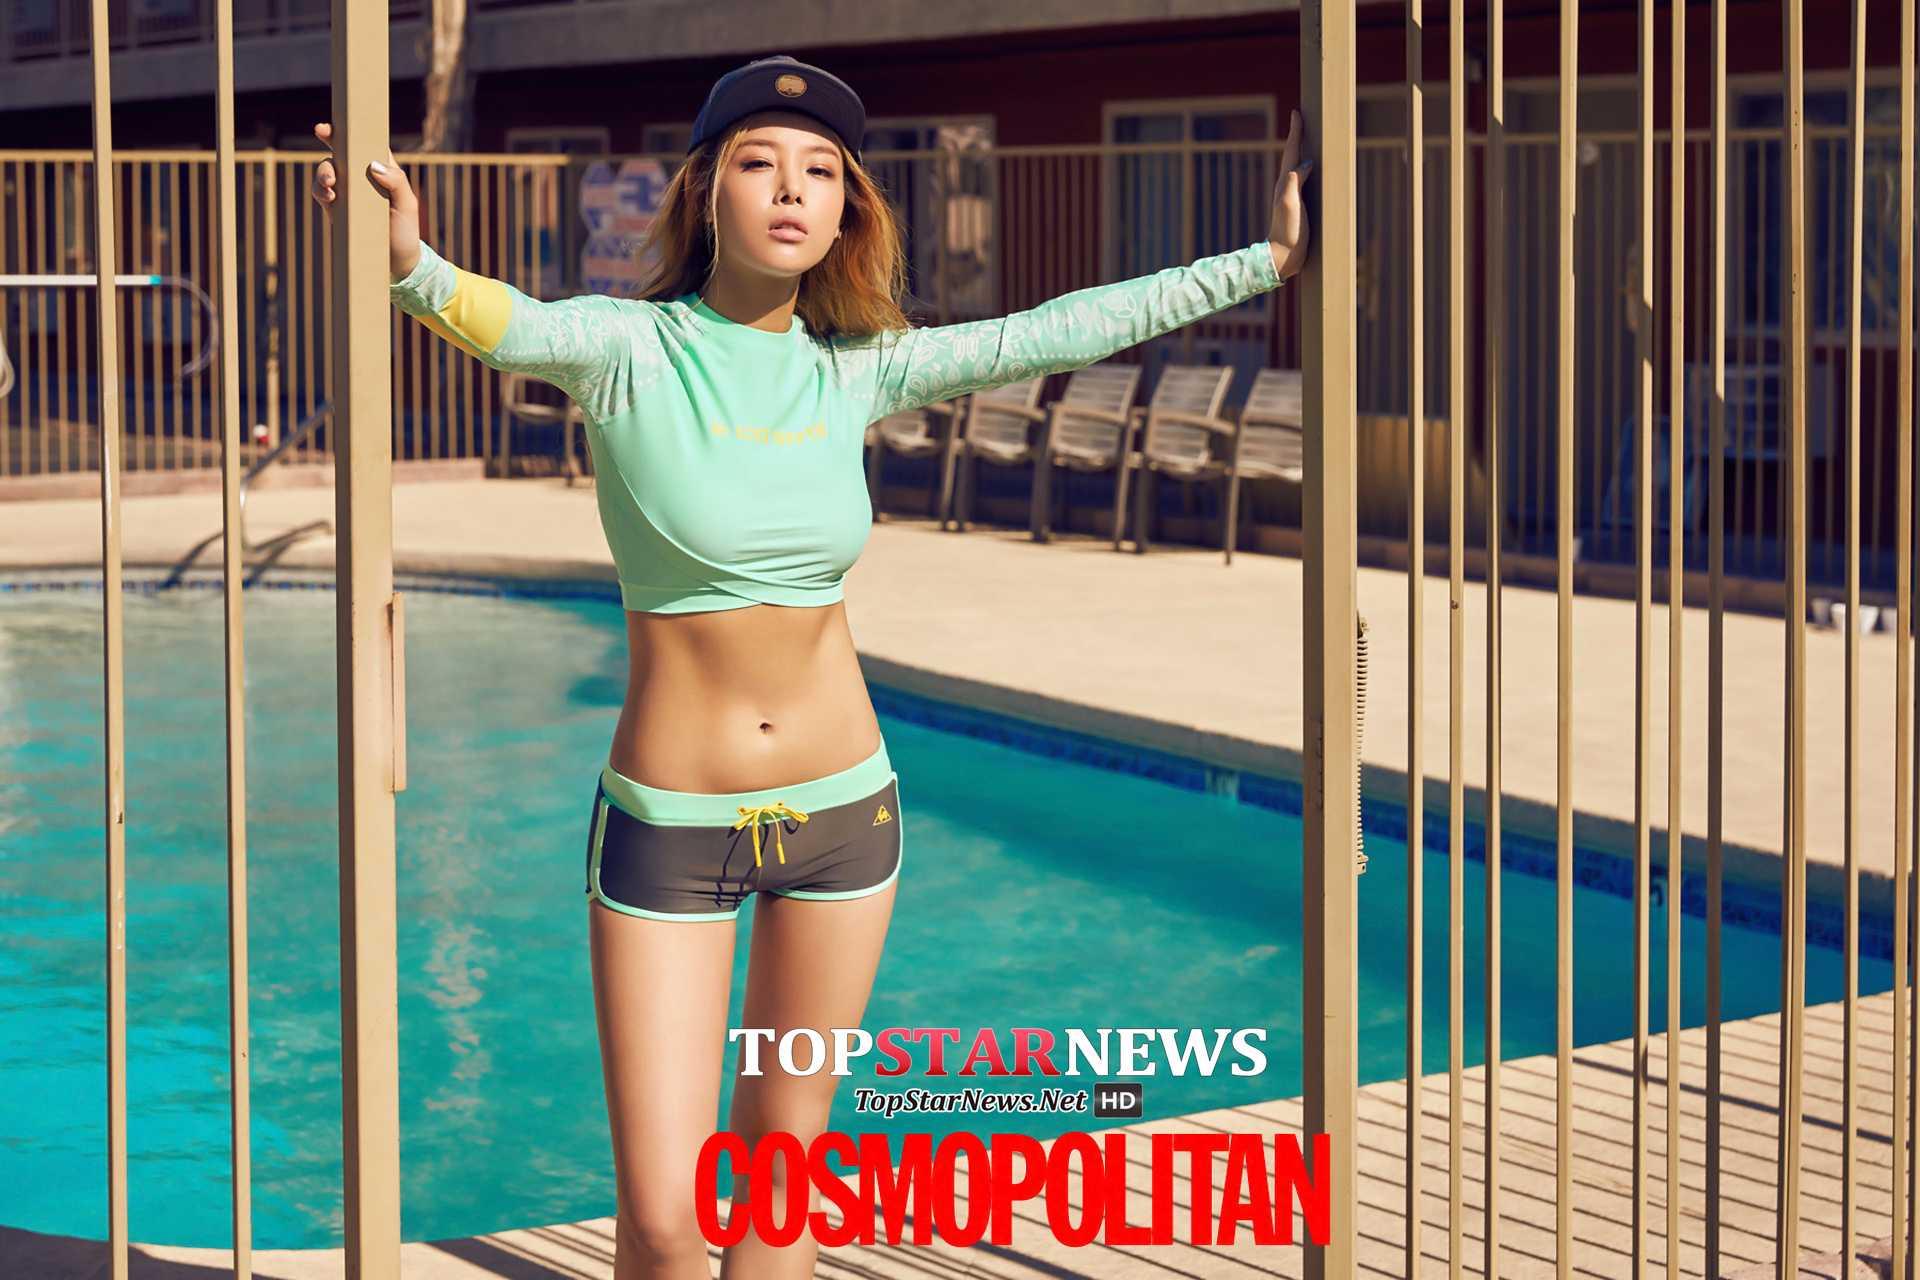 師姐,Wonder Girls的婑斌身材這麼好,當然也很適合穿貼身的防曬衣